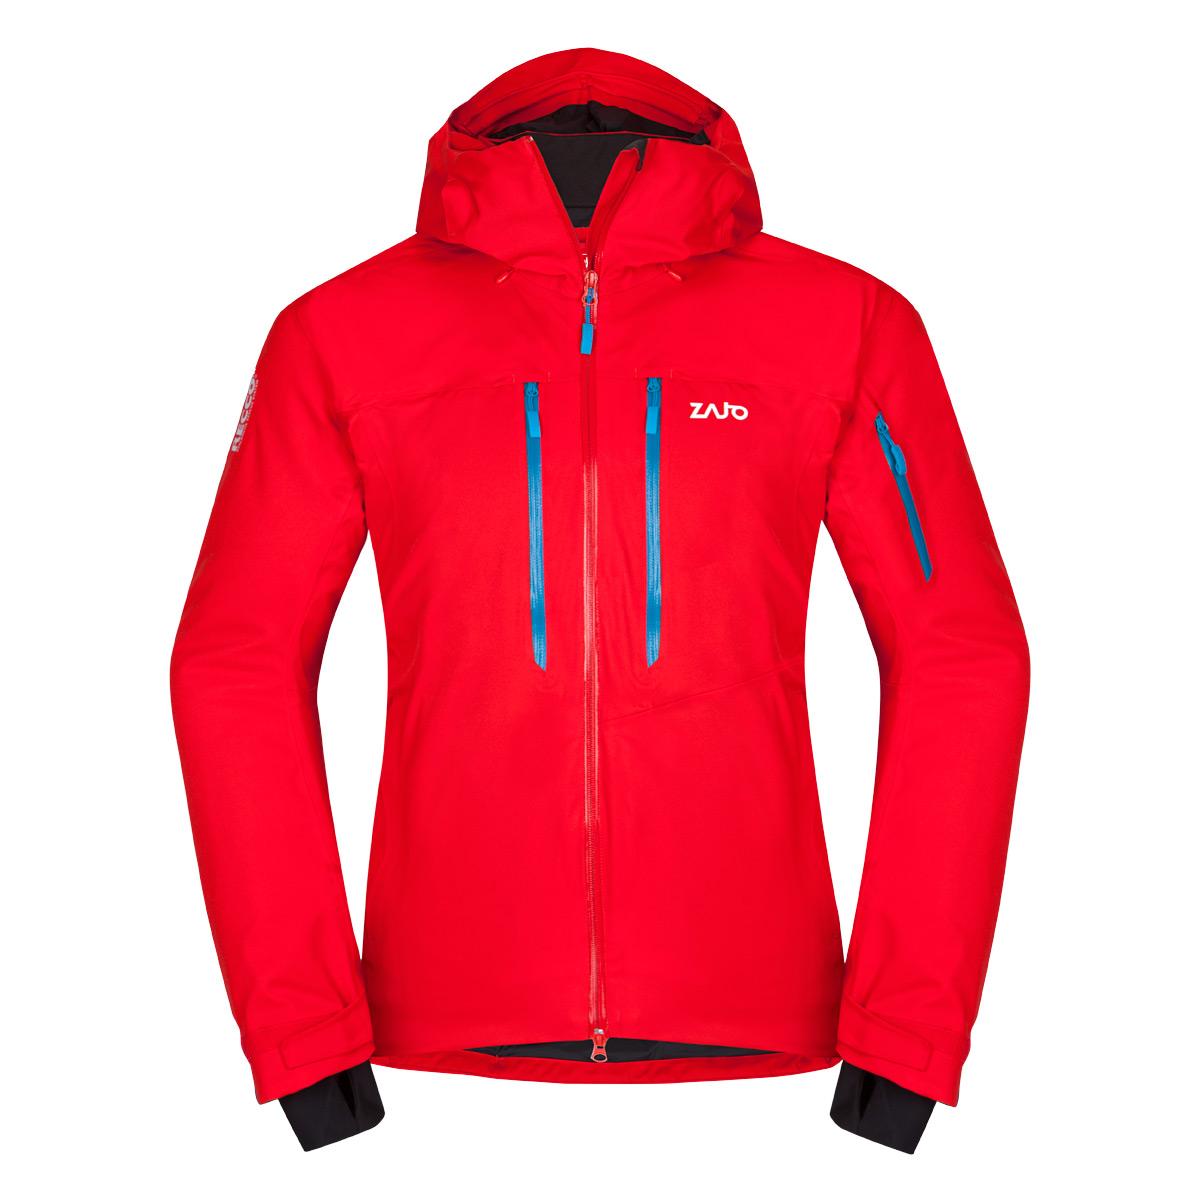 Pánska bunda Zajo Nuuk Neo JKT Fiery Red - veľkosť M